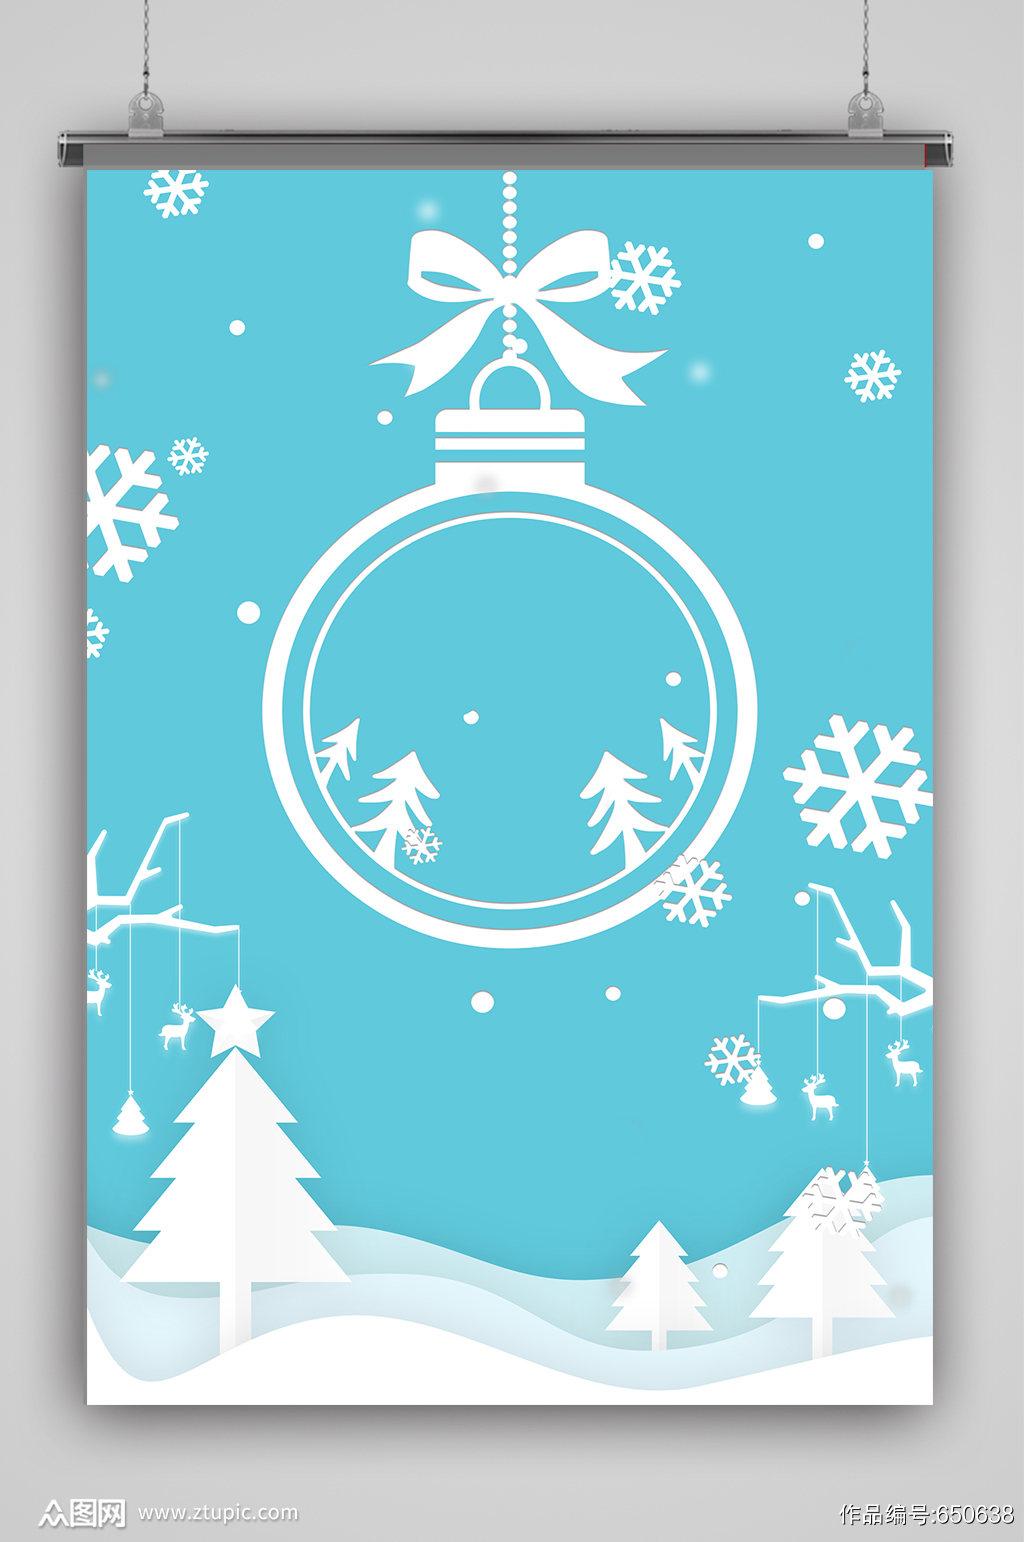 蓝色剪纸圣诞节海报背景素材